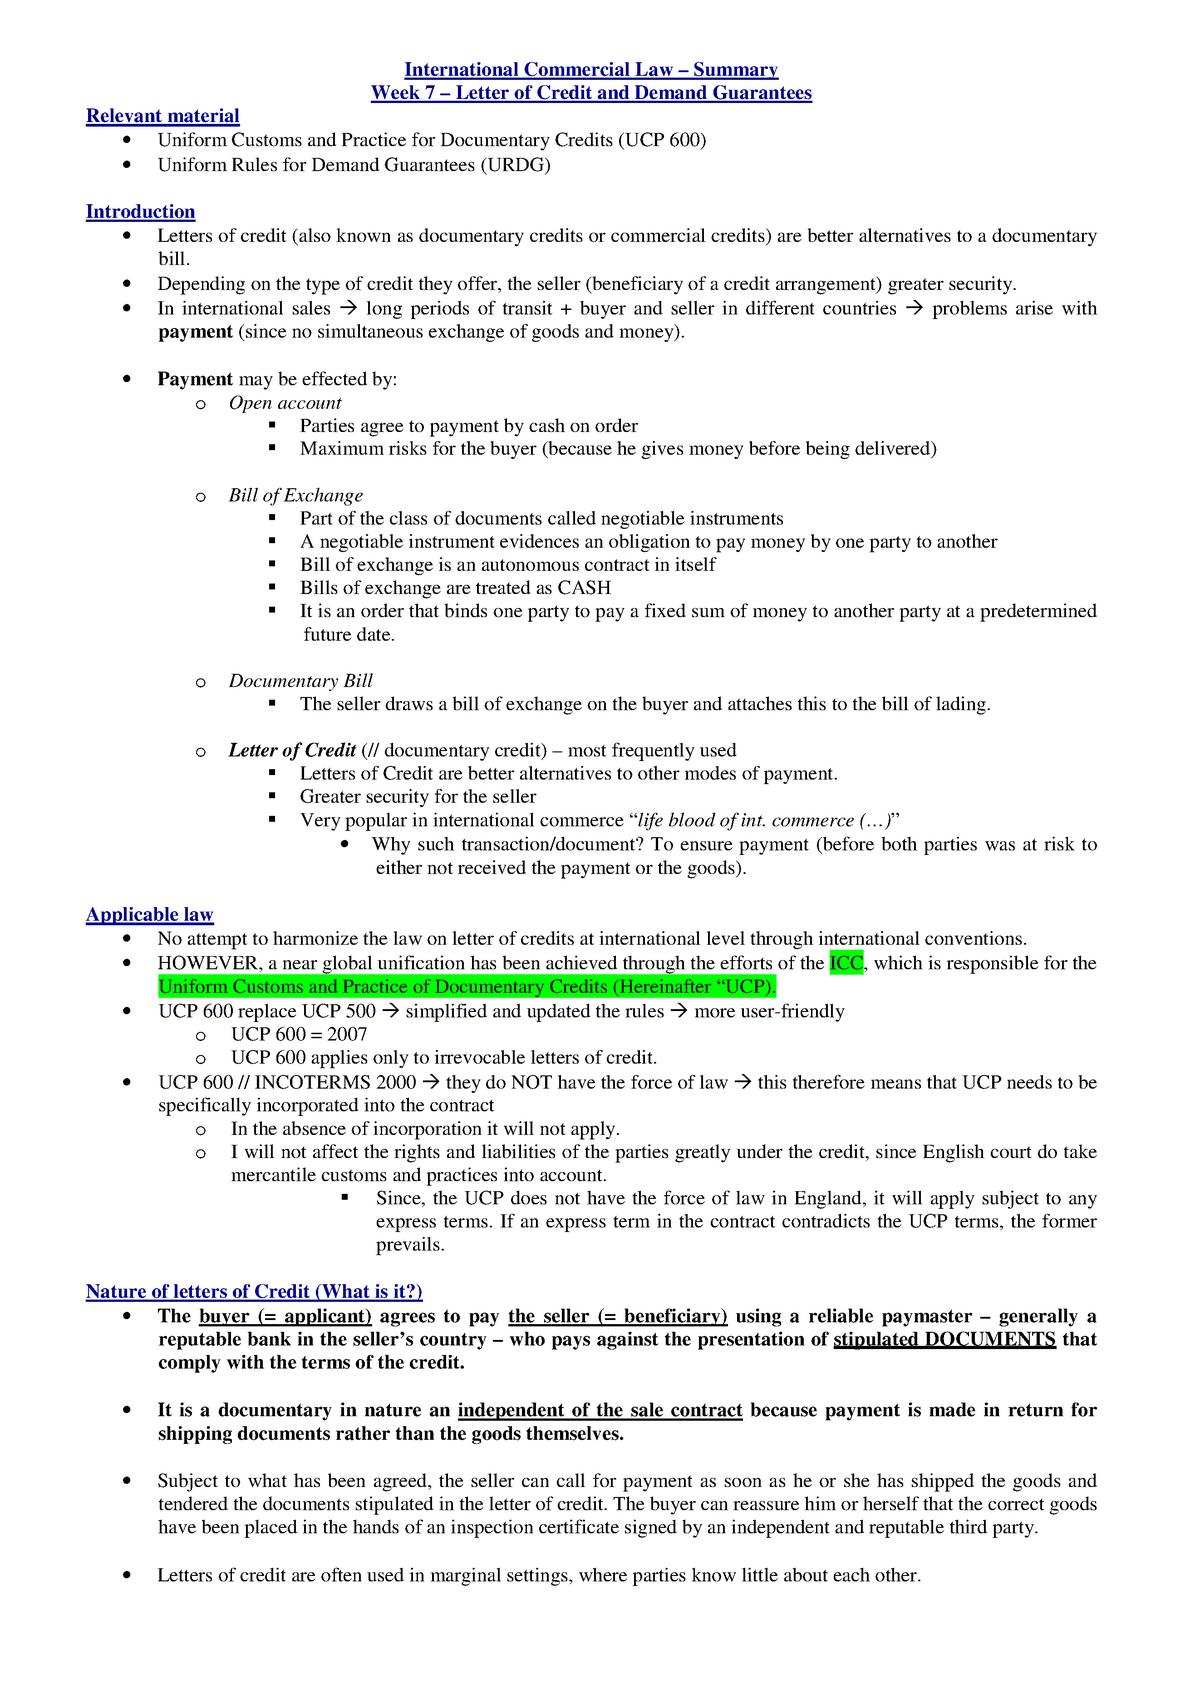 Summary International commercial law: Week 7 - PRI4002